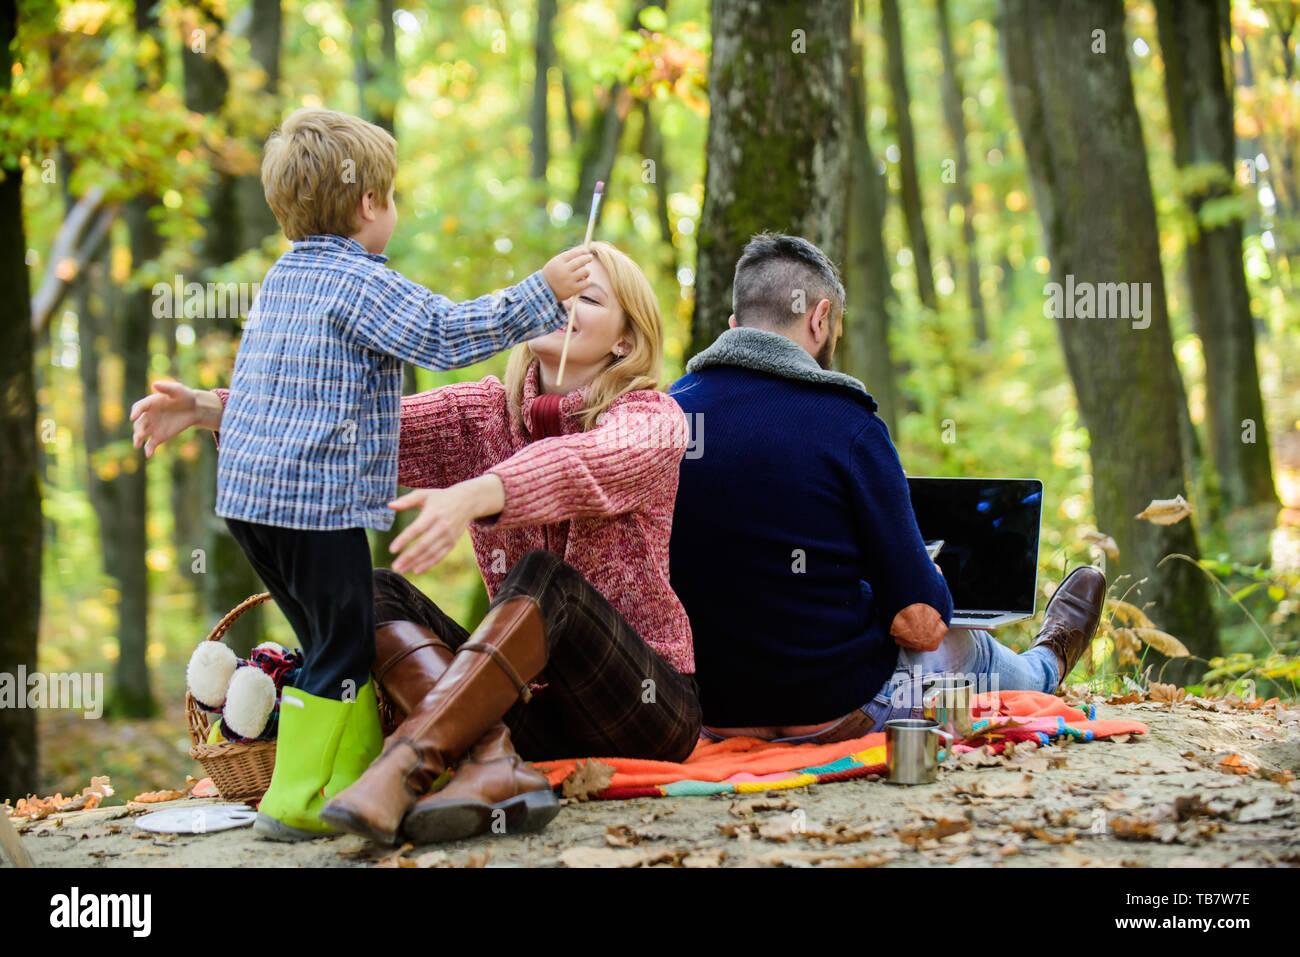 Konflikte, Vati. Familie und Beruf zielen. Vati ist immer besetzt. Tag der Familie Konzept. Familie mit Kind Junge Entspannung in wald. Mutter und wenig spielen zusammen, während der Vater arbeiten mit Laptop. Stockfoto